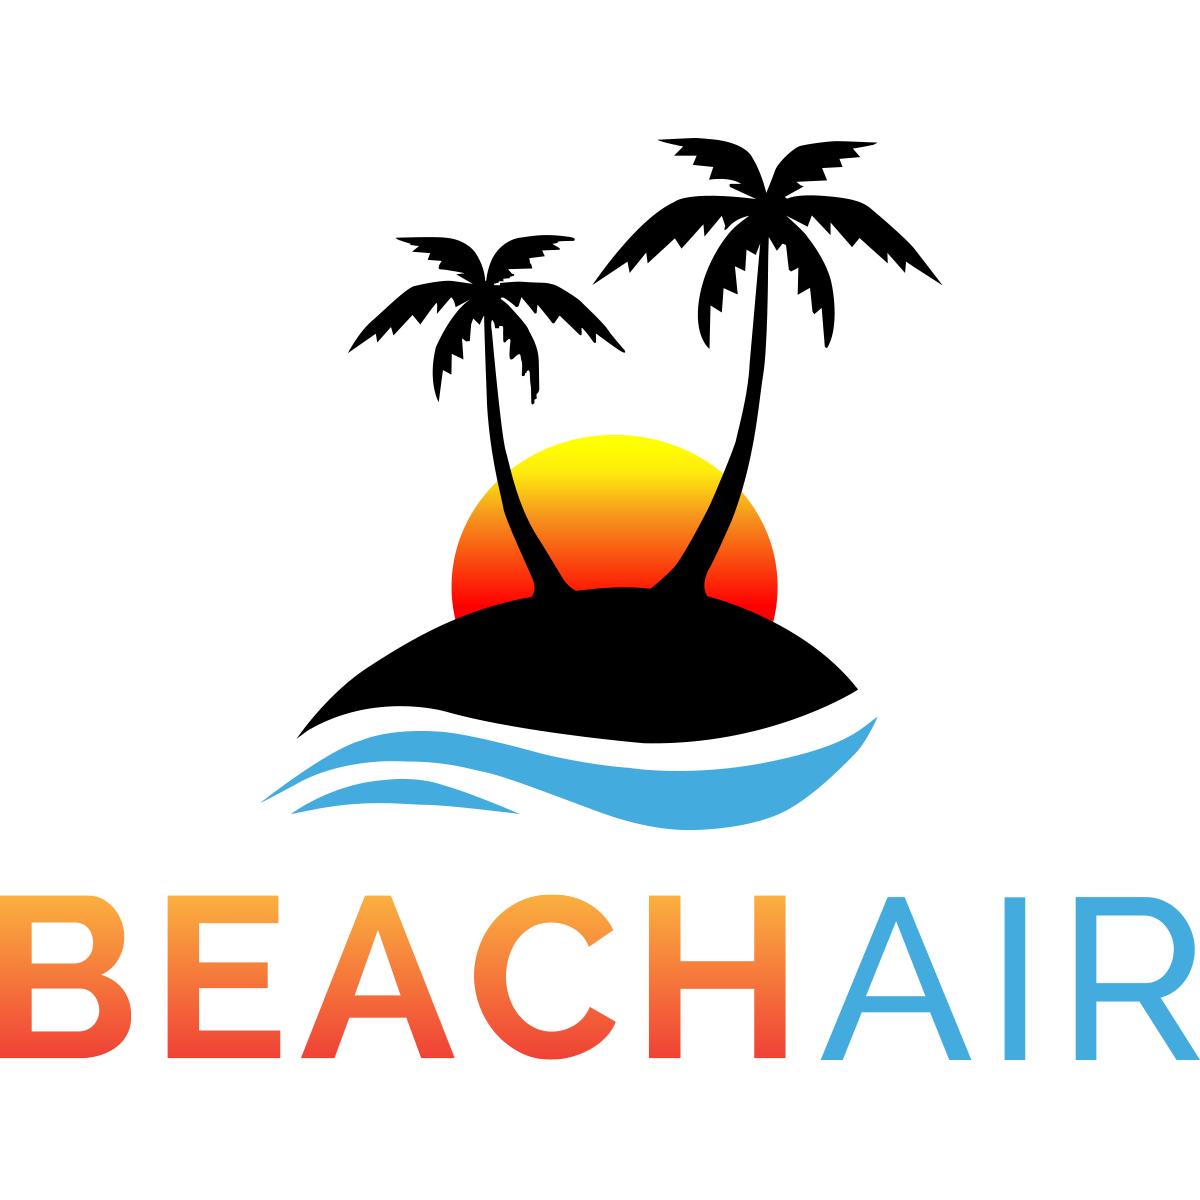 Beach Air image 2